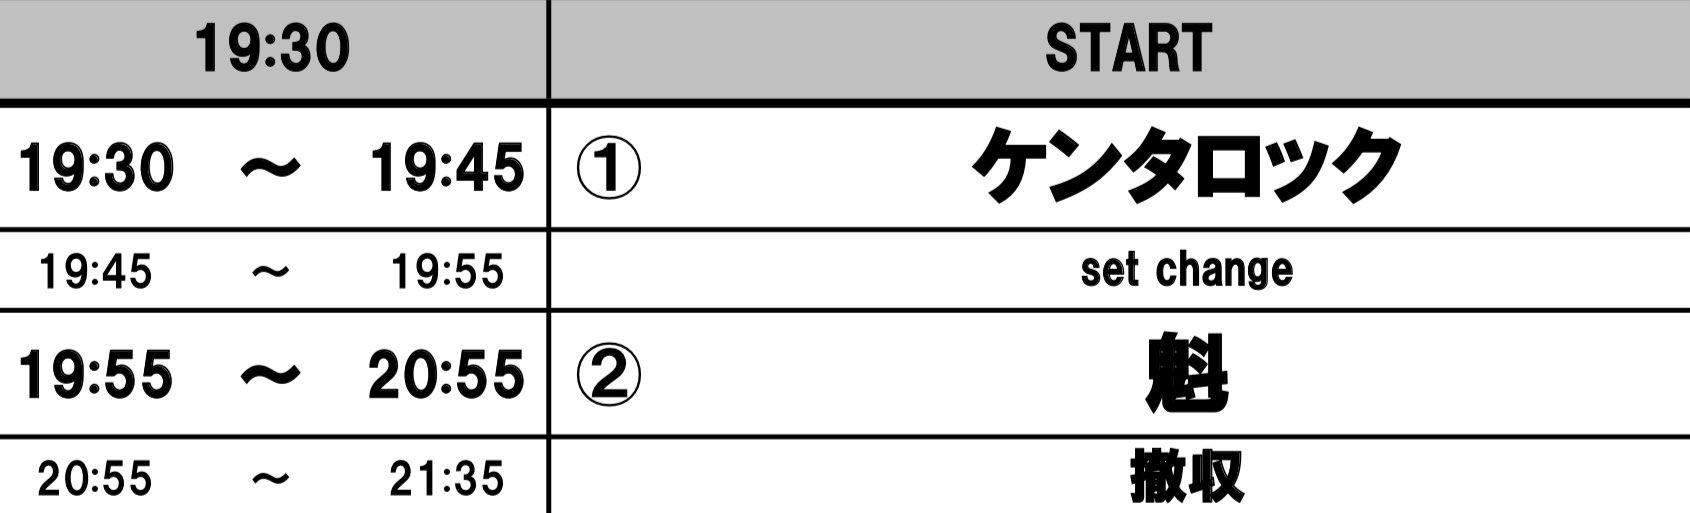 天体3349 WINTER TOUR 2020-2021「 旅のススメ、次へススメ。」番外編